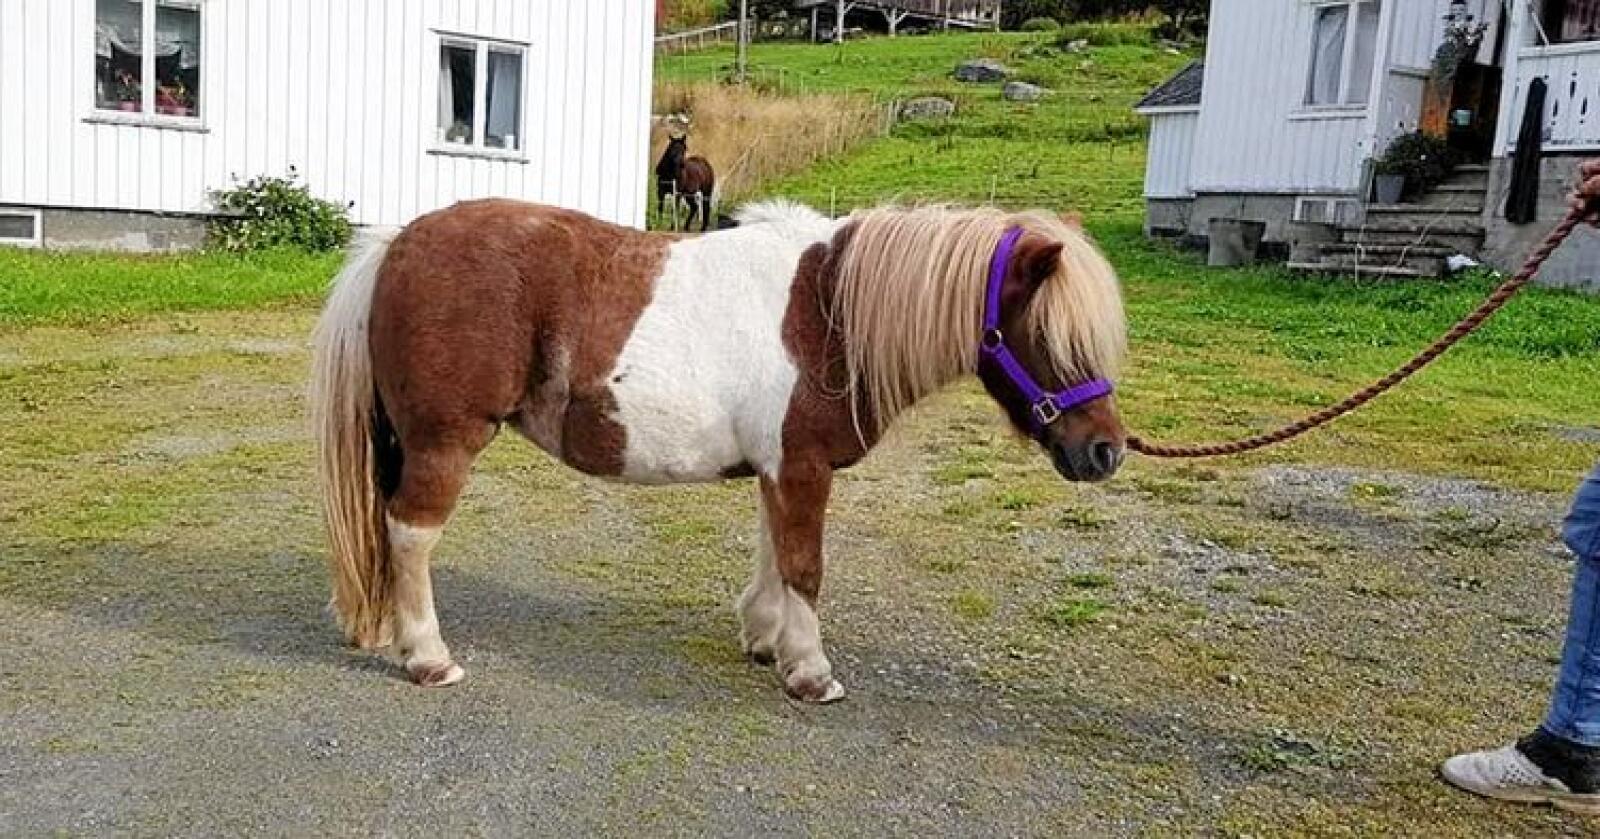 Tina Bjørnewall er nå på vei til Averøy for å hente tilbake ponnien sin. Foto: Tina Bjørnewall